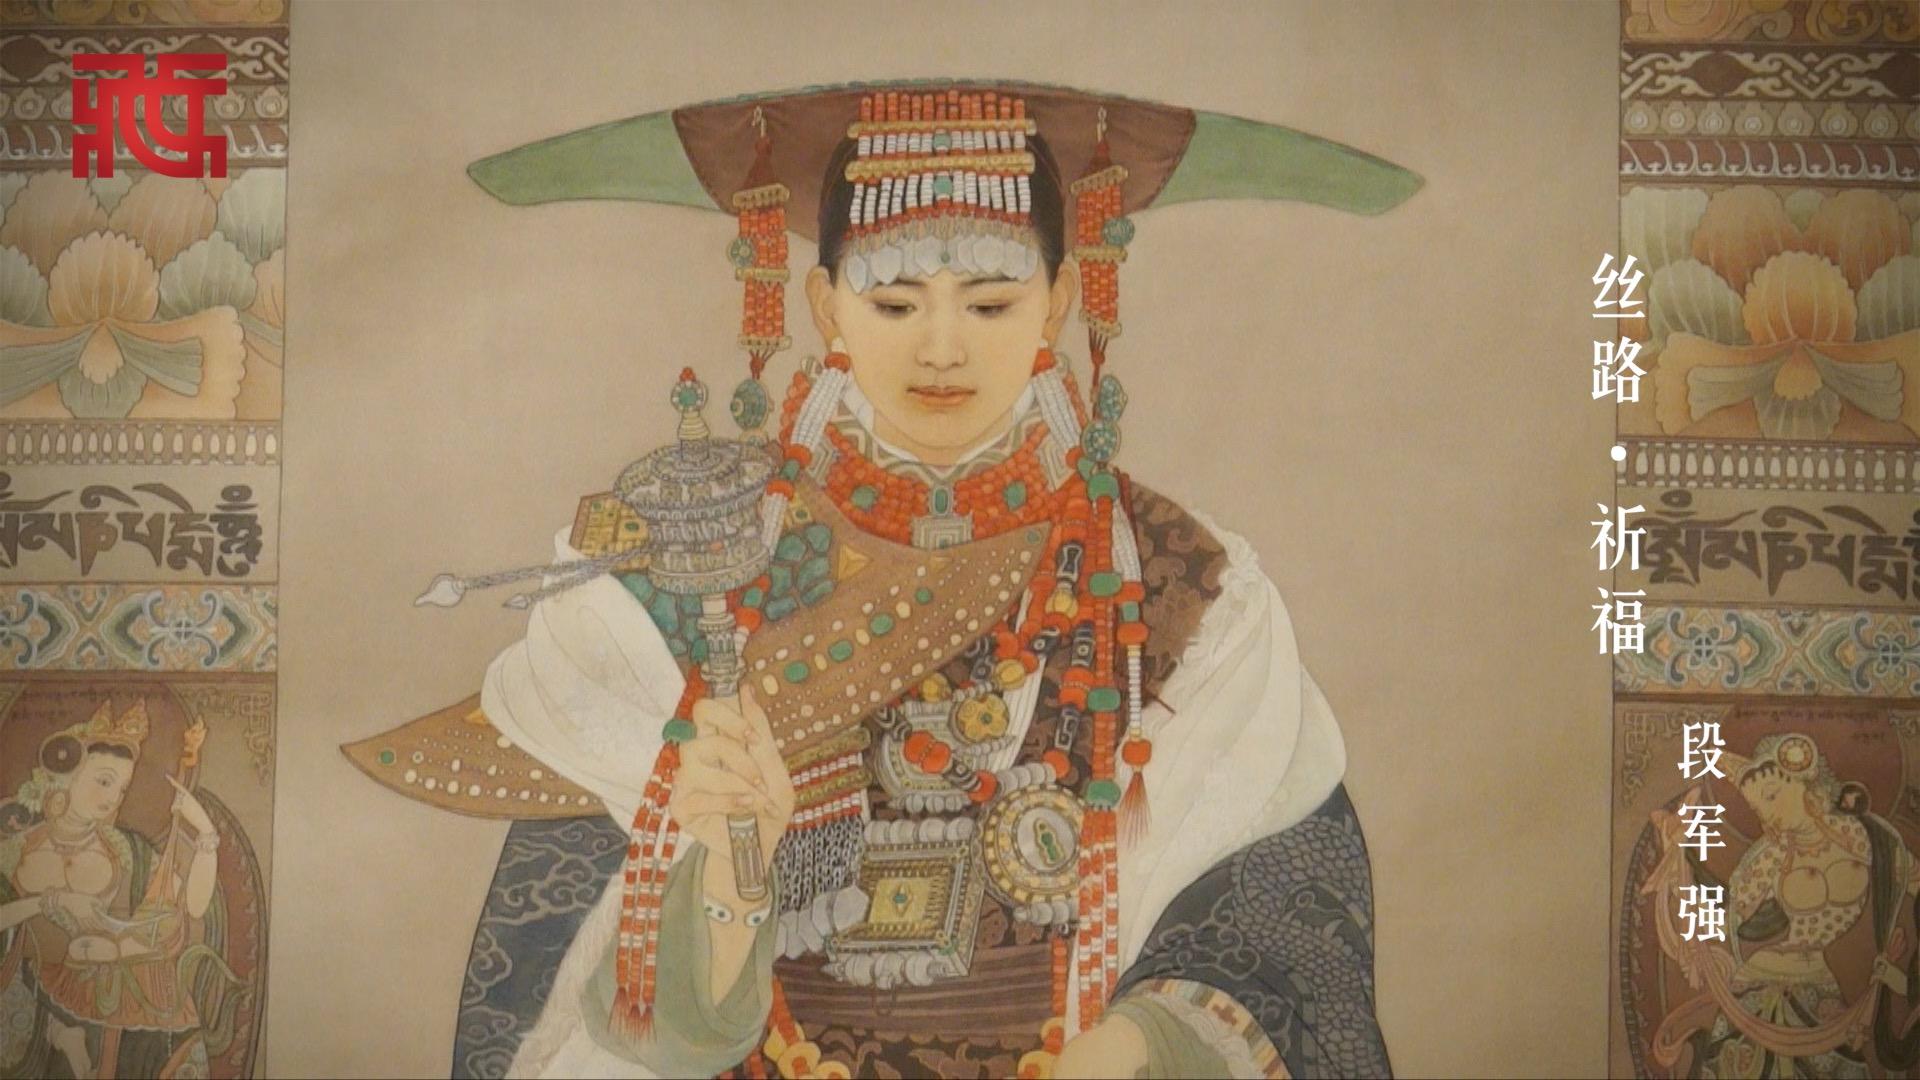 《丝路·祈福》作者谈初心 民族文化博大精深